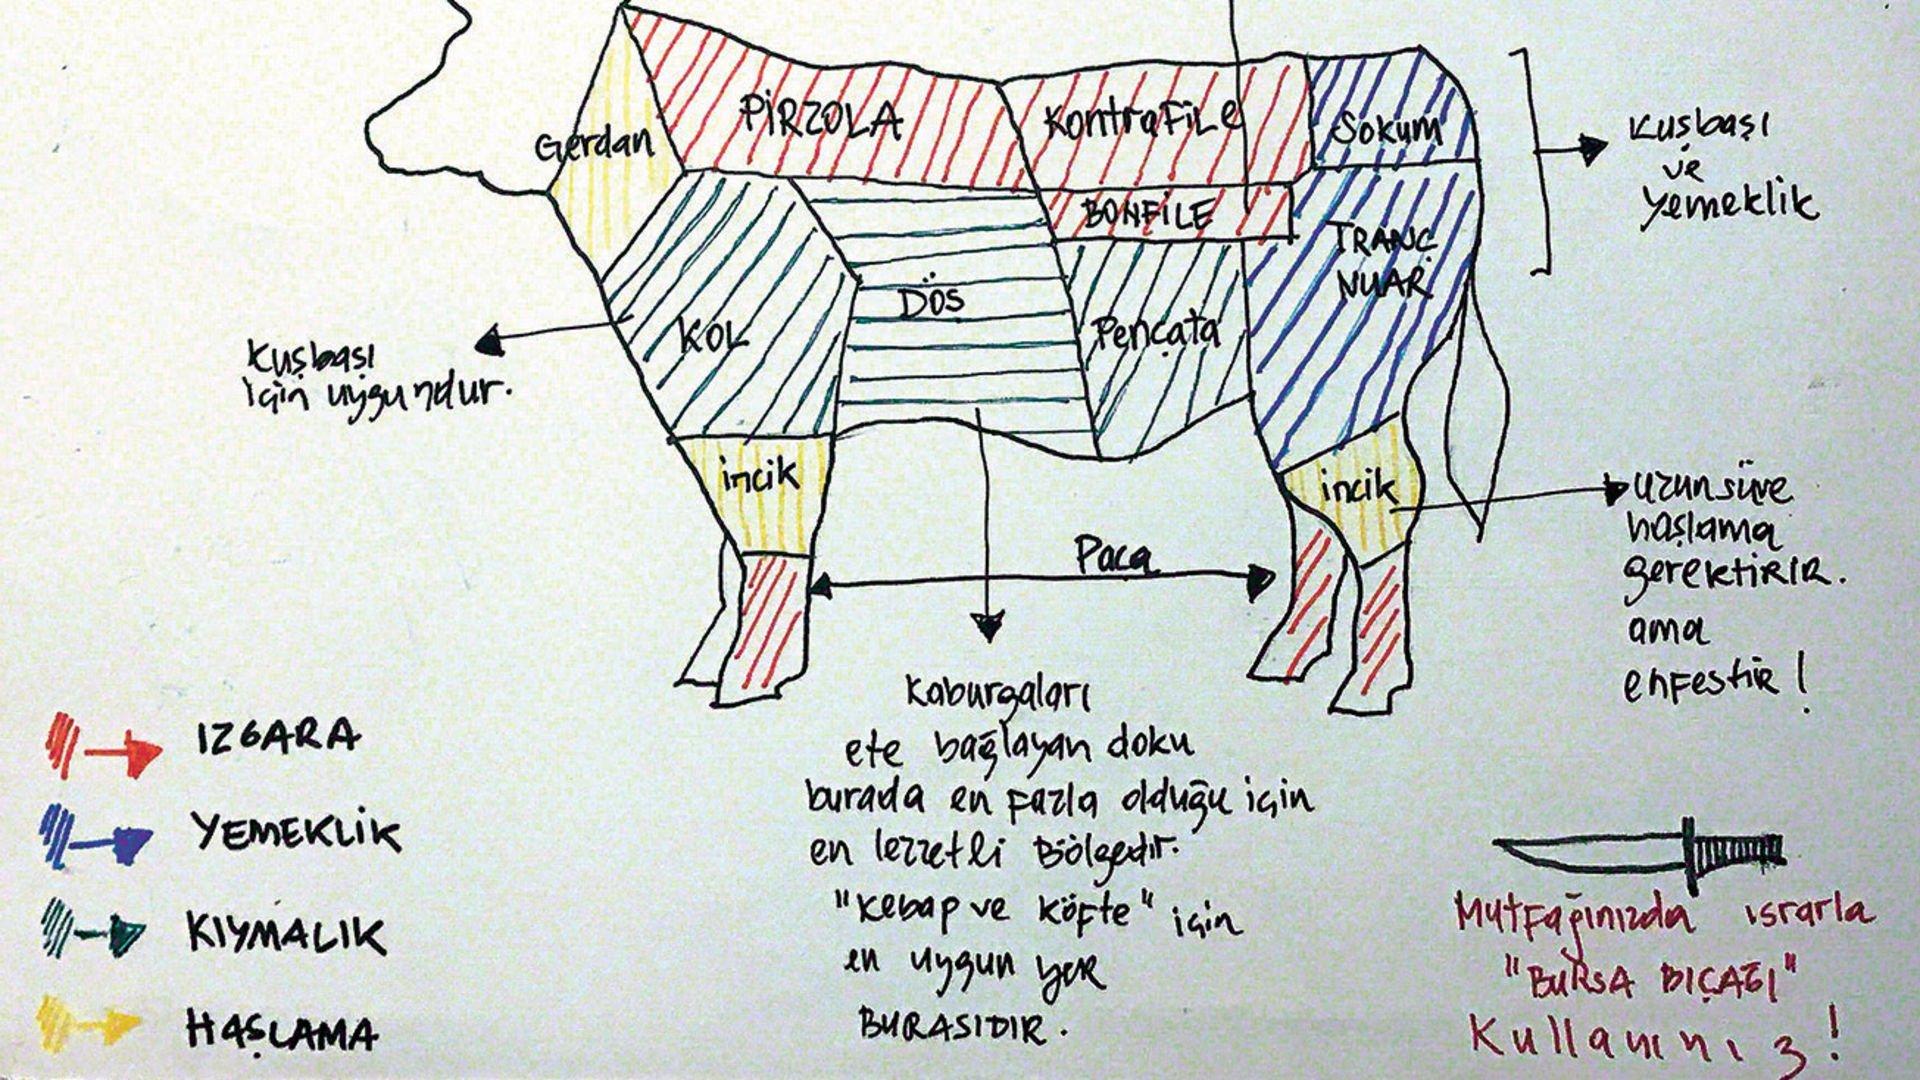 Et hızlıca nasıl çözünür